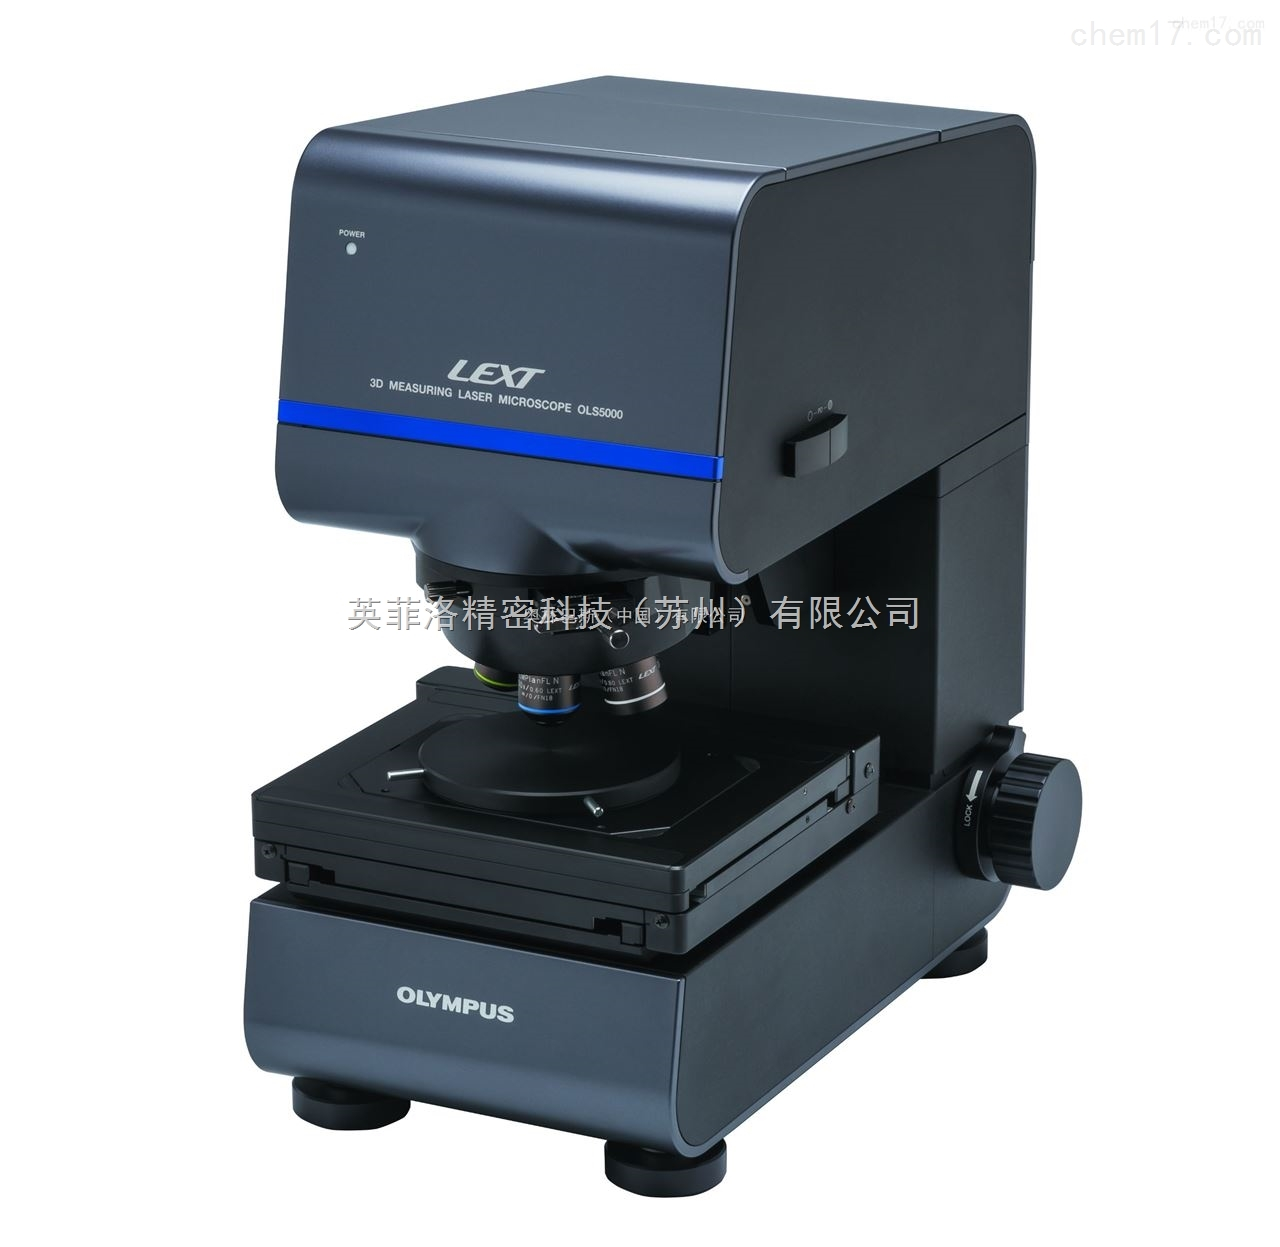 奥林巴斯OLS5000激光共聚焦显微镜